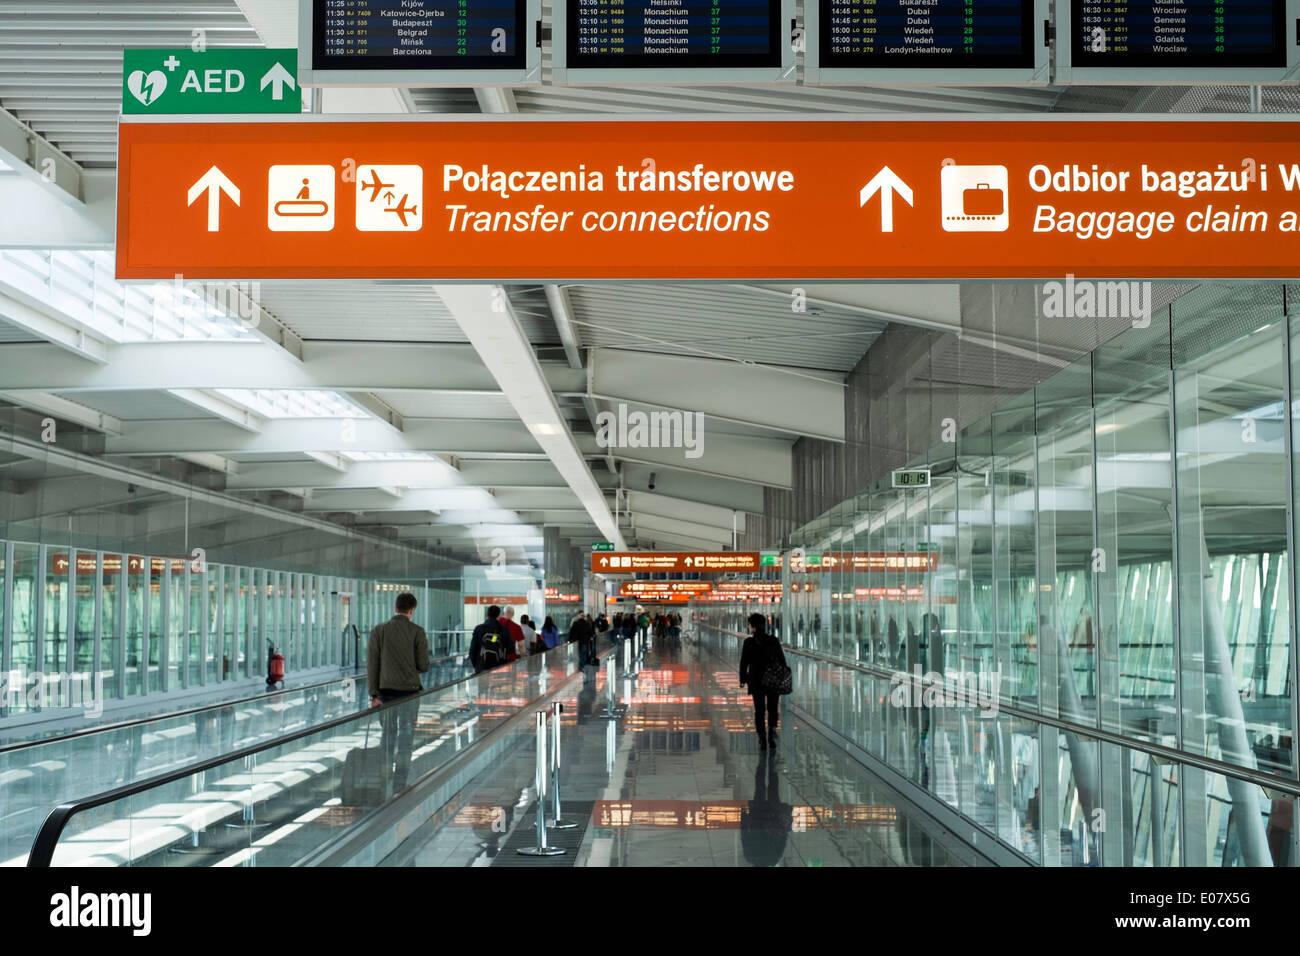 Aeroporto Waw : Poland airport stock photos & poland airport stock images alamy